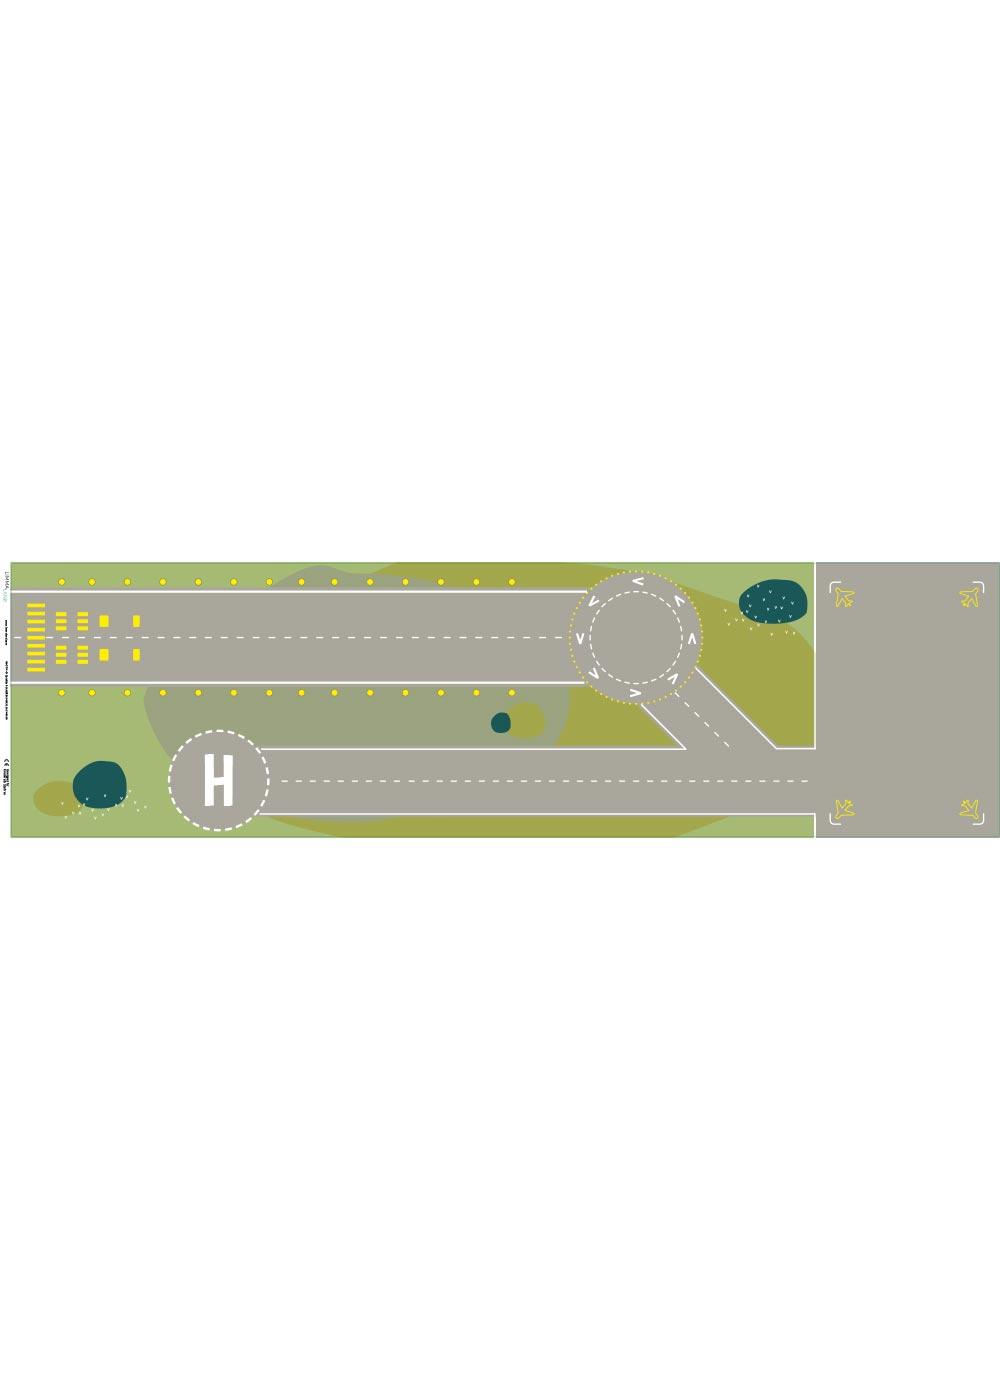 Ikea Kallax Regal Landebahn 4fach Druckvorlage